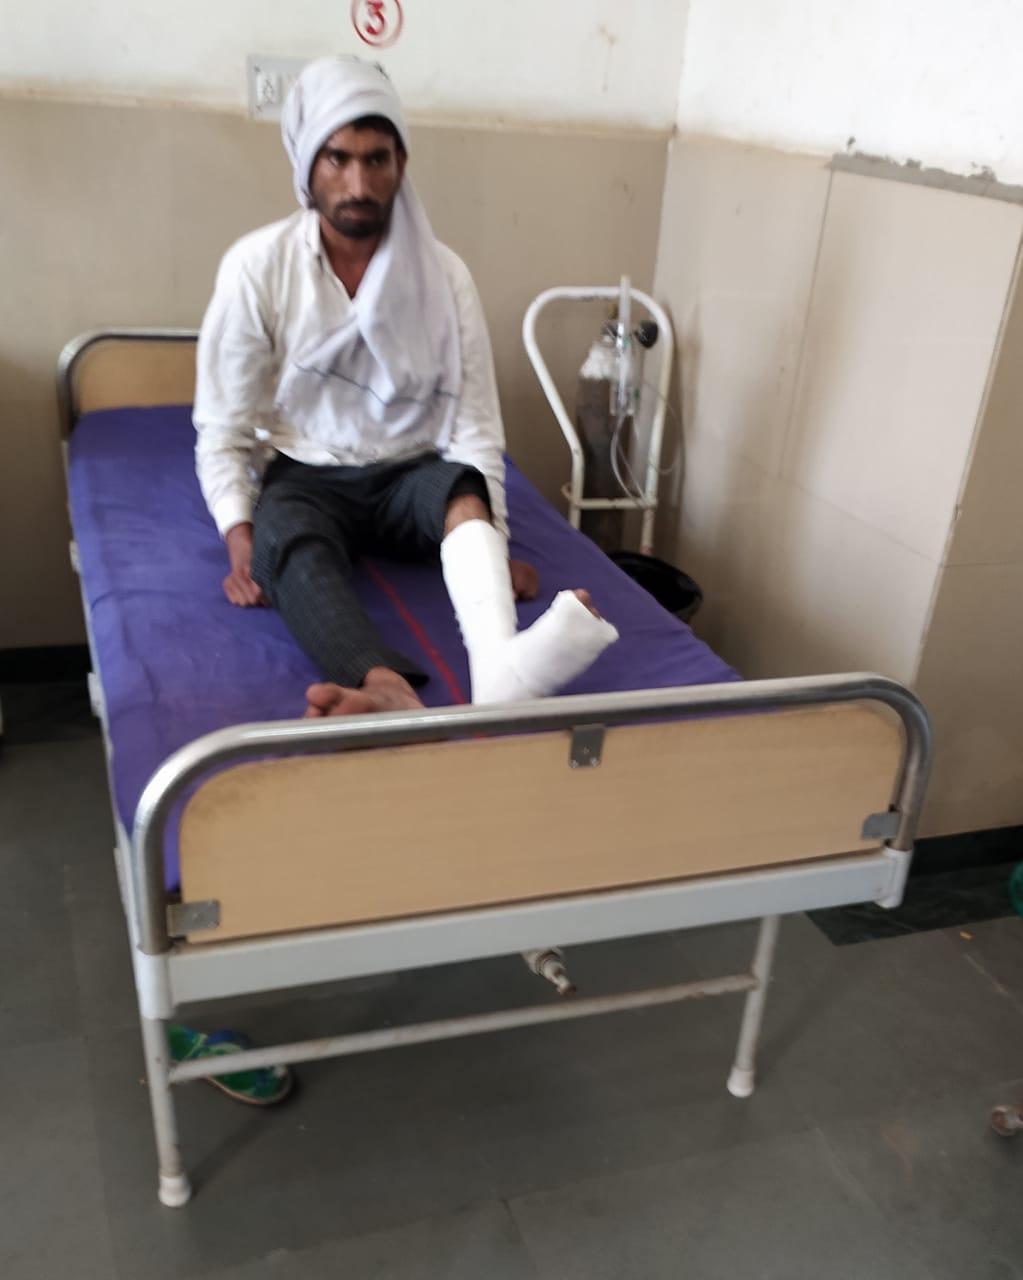 पूछताछ के नाम पर पुलिस पर थर्ड डिग्री इस्तेमाल करने का आरोप, मारपीट में युवक का पैर टूटा